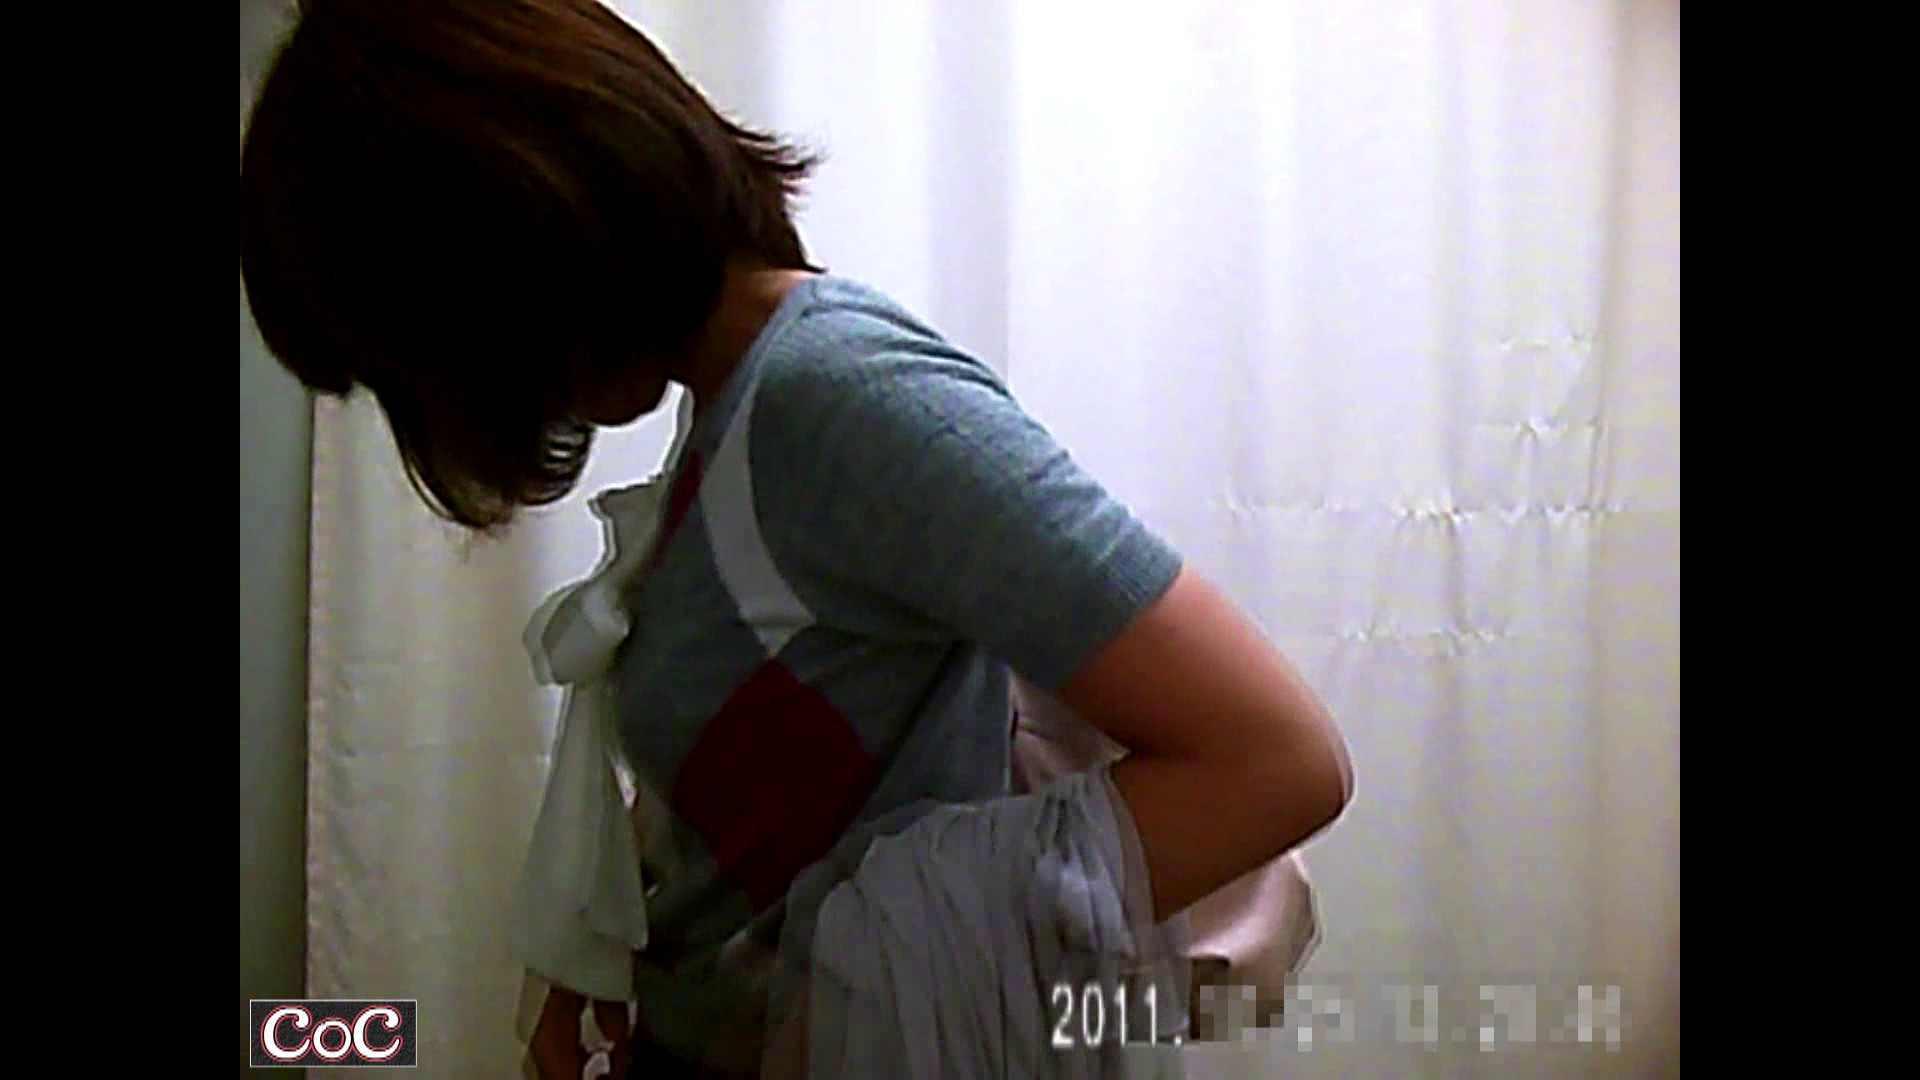 病院おもいっきり着替え! vol.72 乳首 ワレメ動画紹介 88画像 45